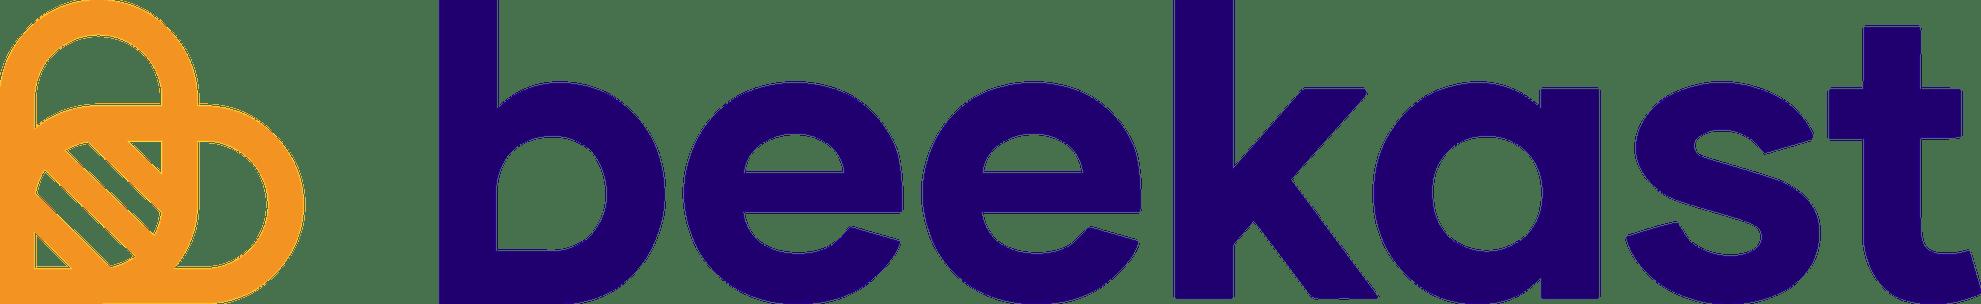 BEEKAST